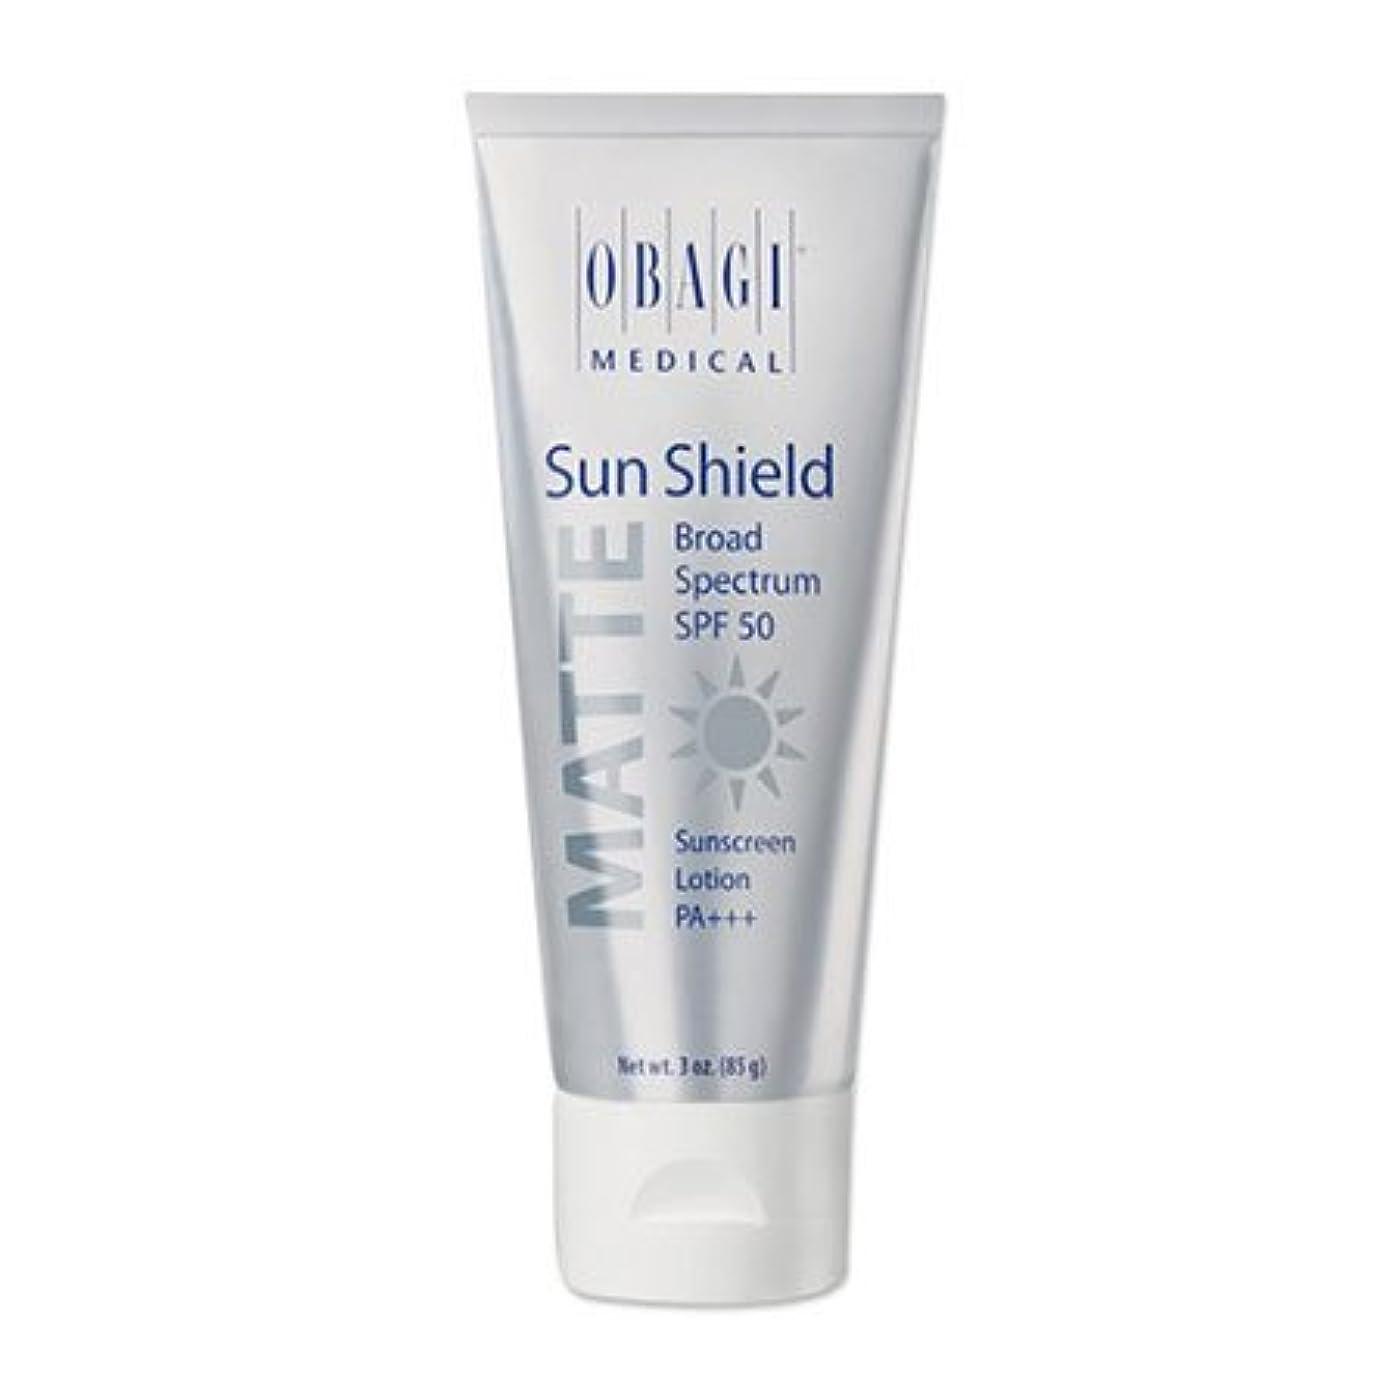 なにあいまい住むobagi オバジ ニューダーム Sun Shield SPF50 サンシールド(オイリー用~デリケート用)海外直送品